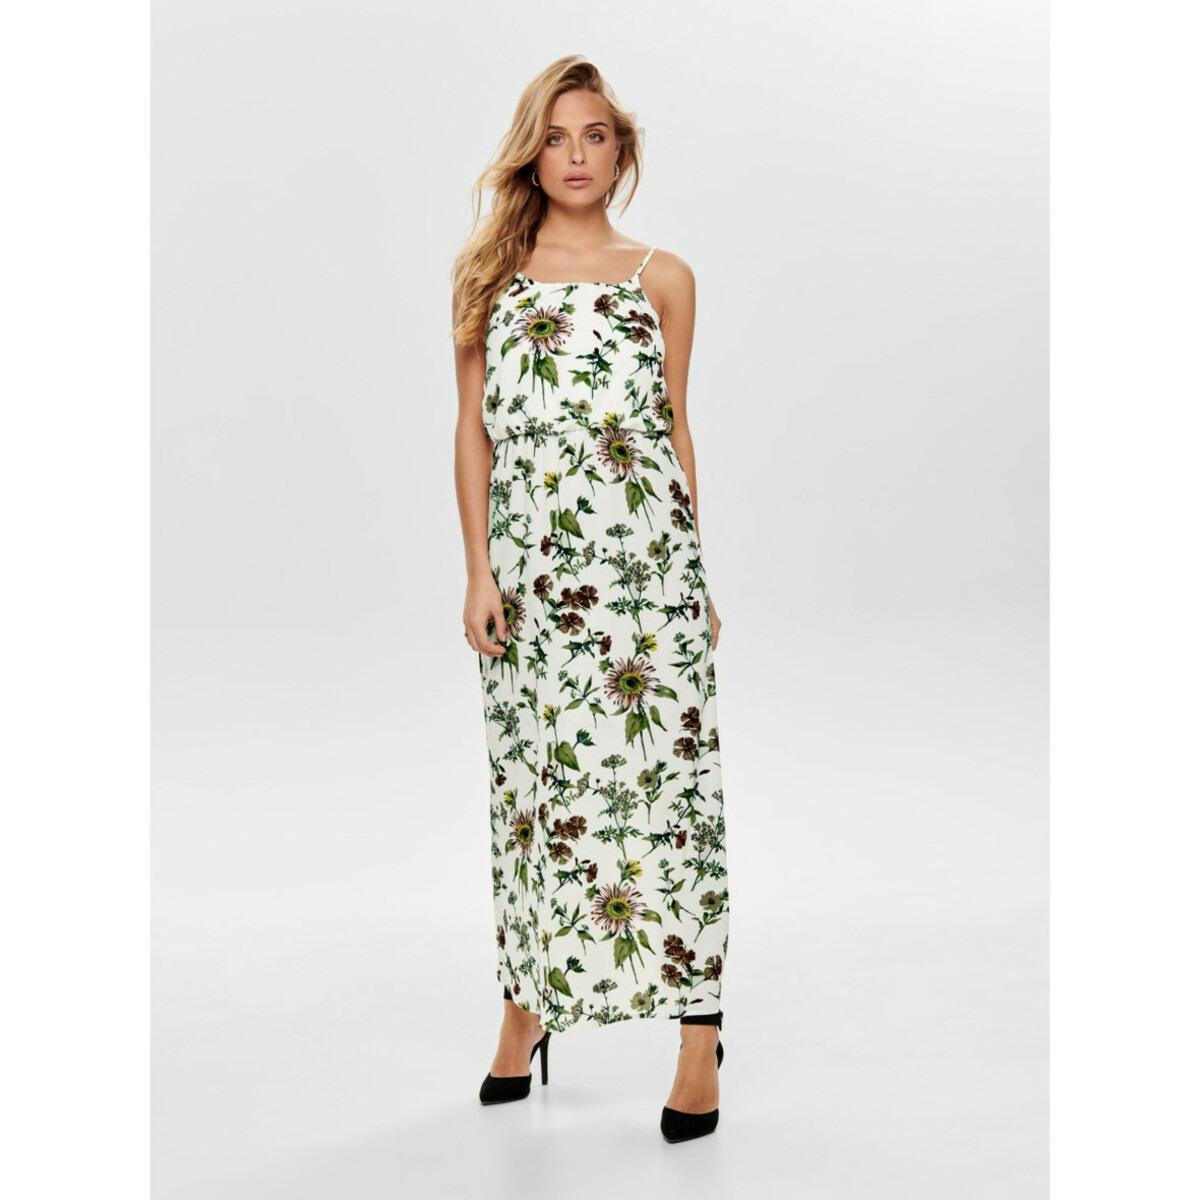 Damen Only Sommerkleid Mit Floralem Print Von Awg Mode